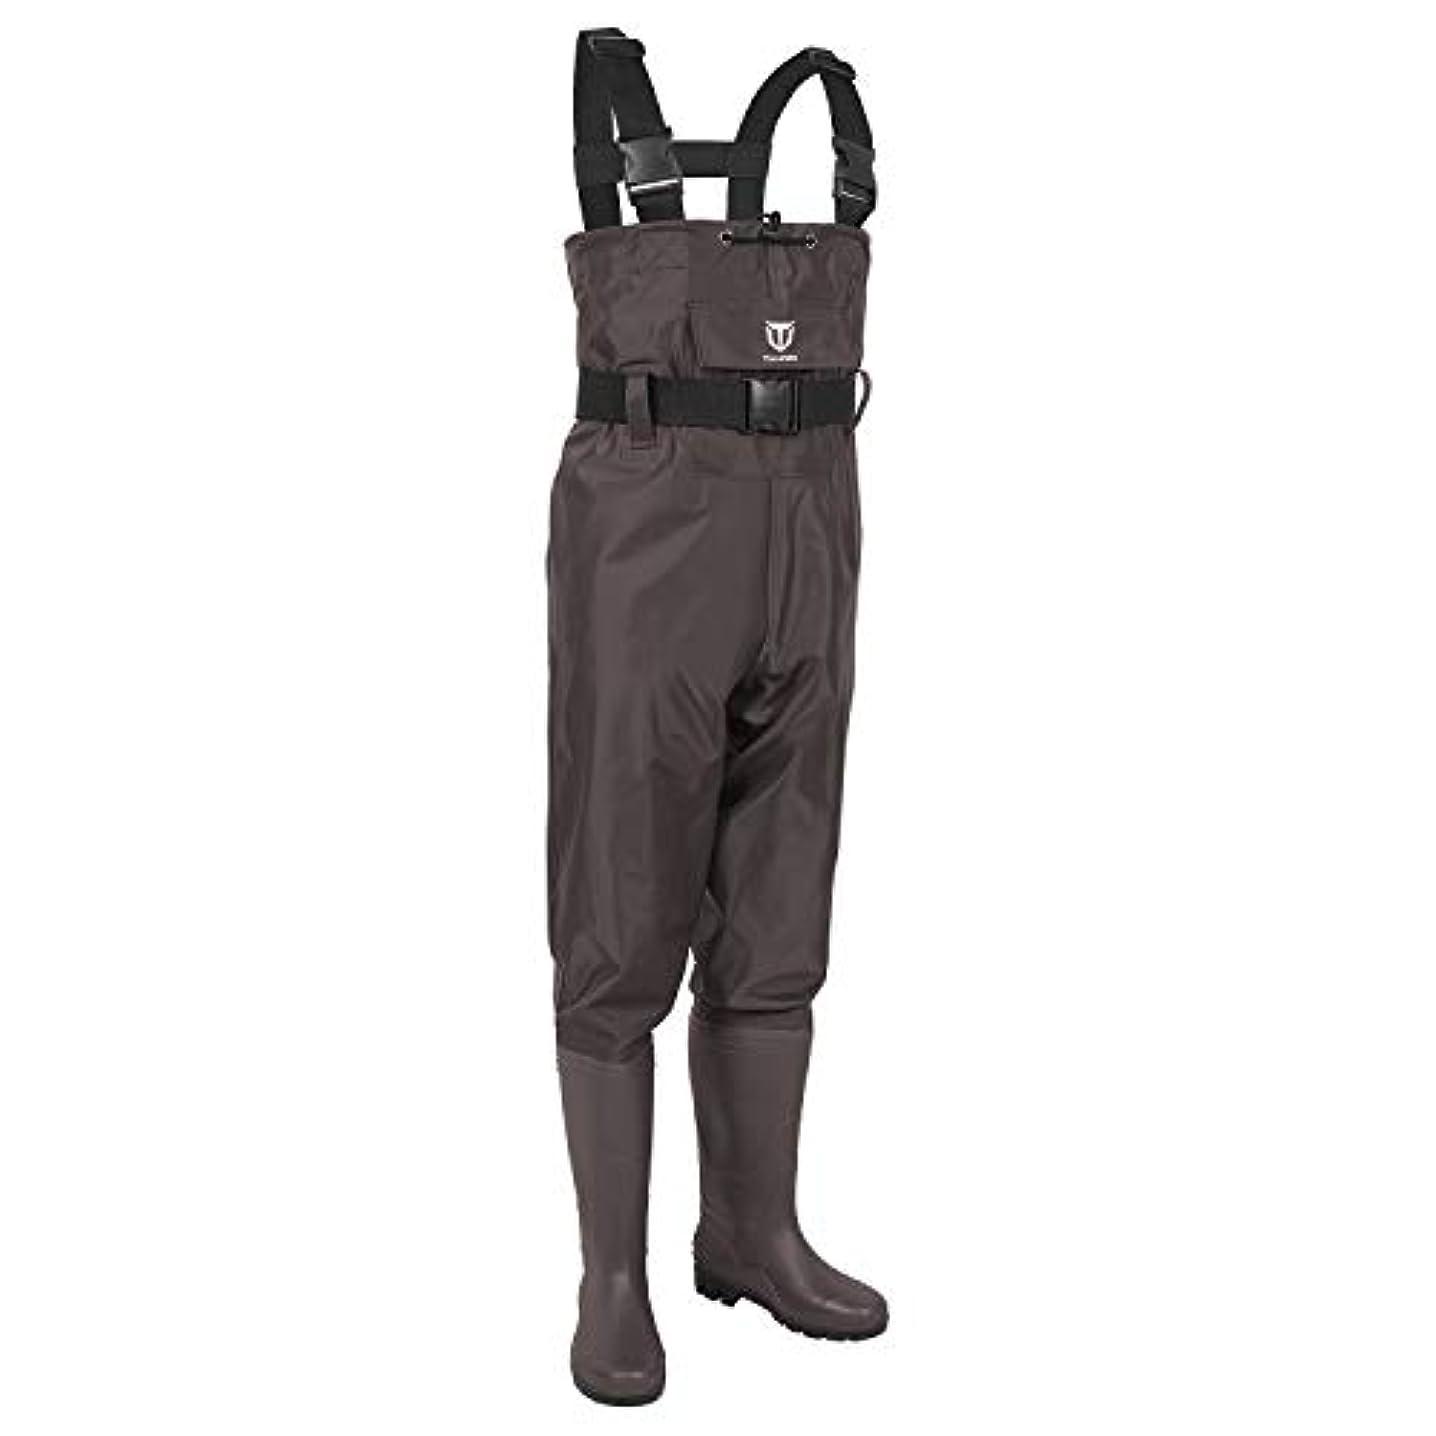 書くふりをする開梱TideWe(タイドウィー)ウェーダー PVCウェーダー 防水 釣り用スーツ チェストハイ型 フィッシングウェーダー 2色8サイズ選択可